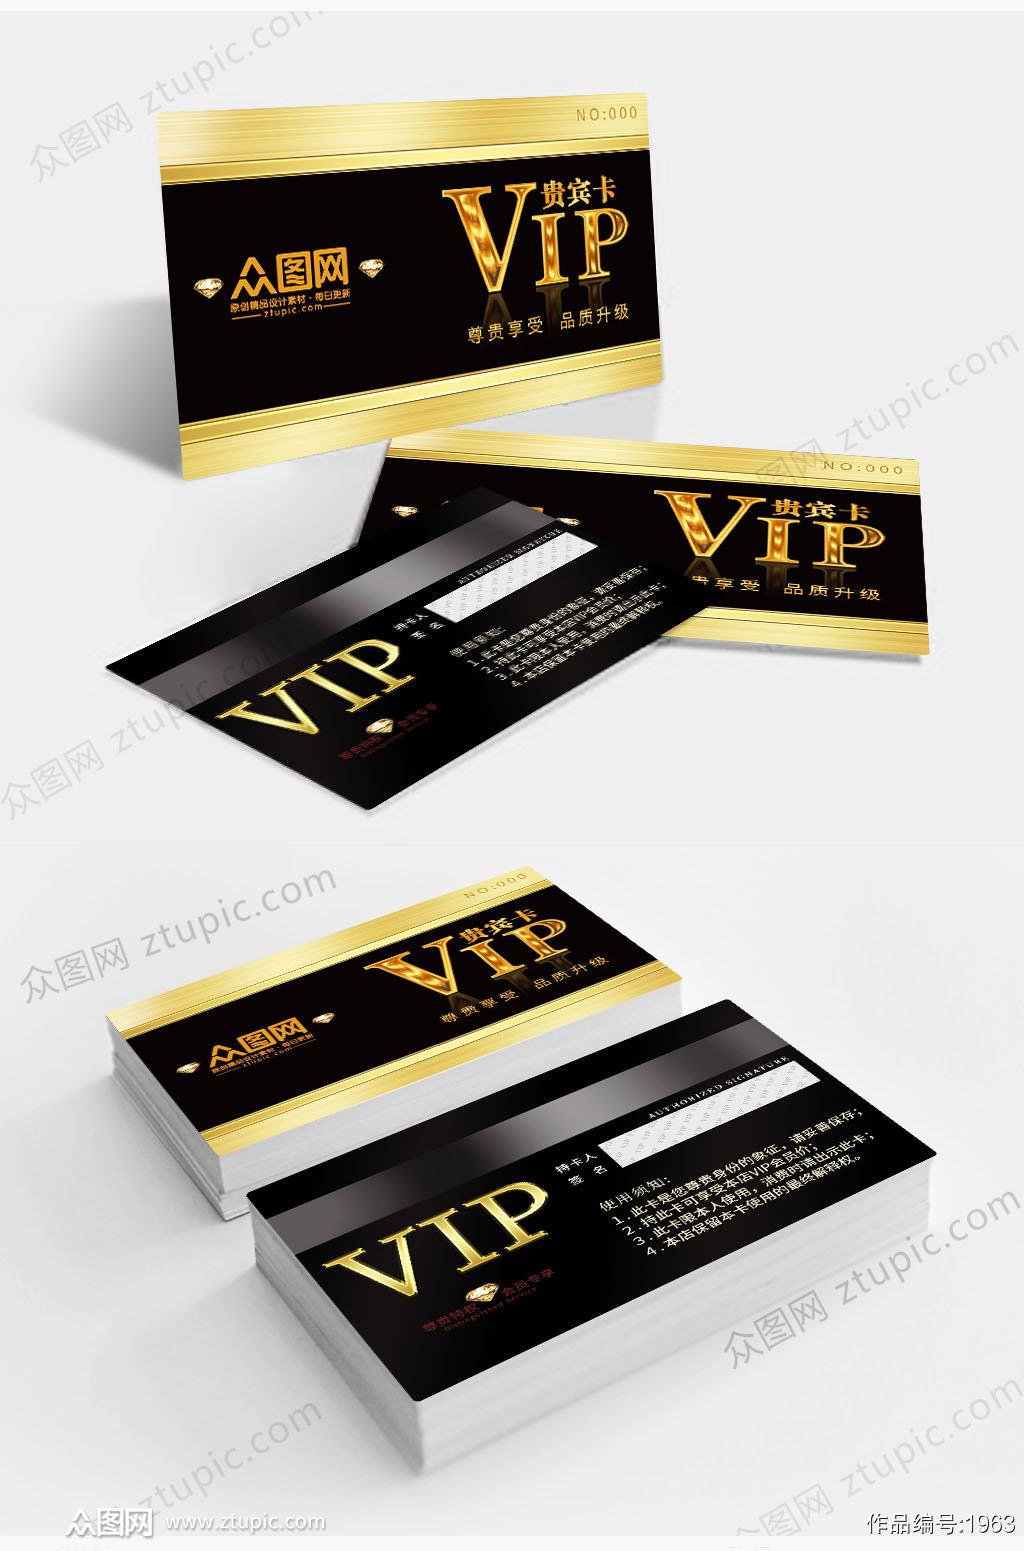 精美VIP卡模板设计 尊贵VIP卡素材